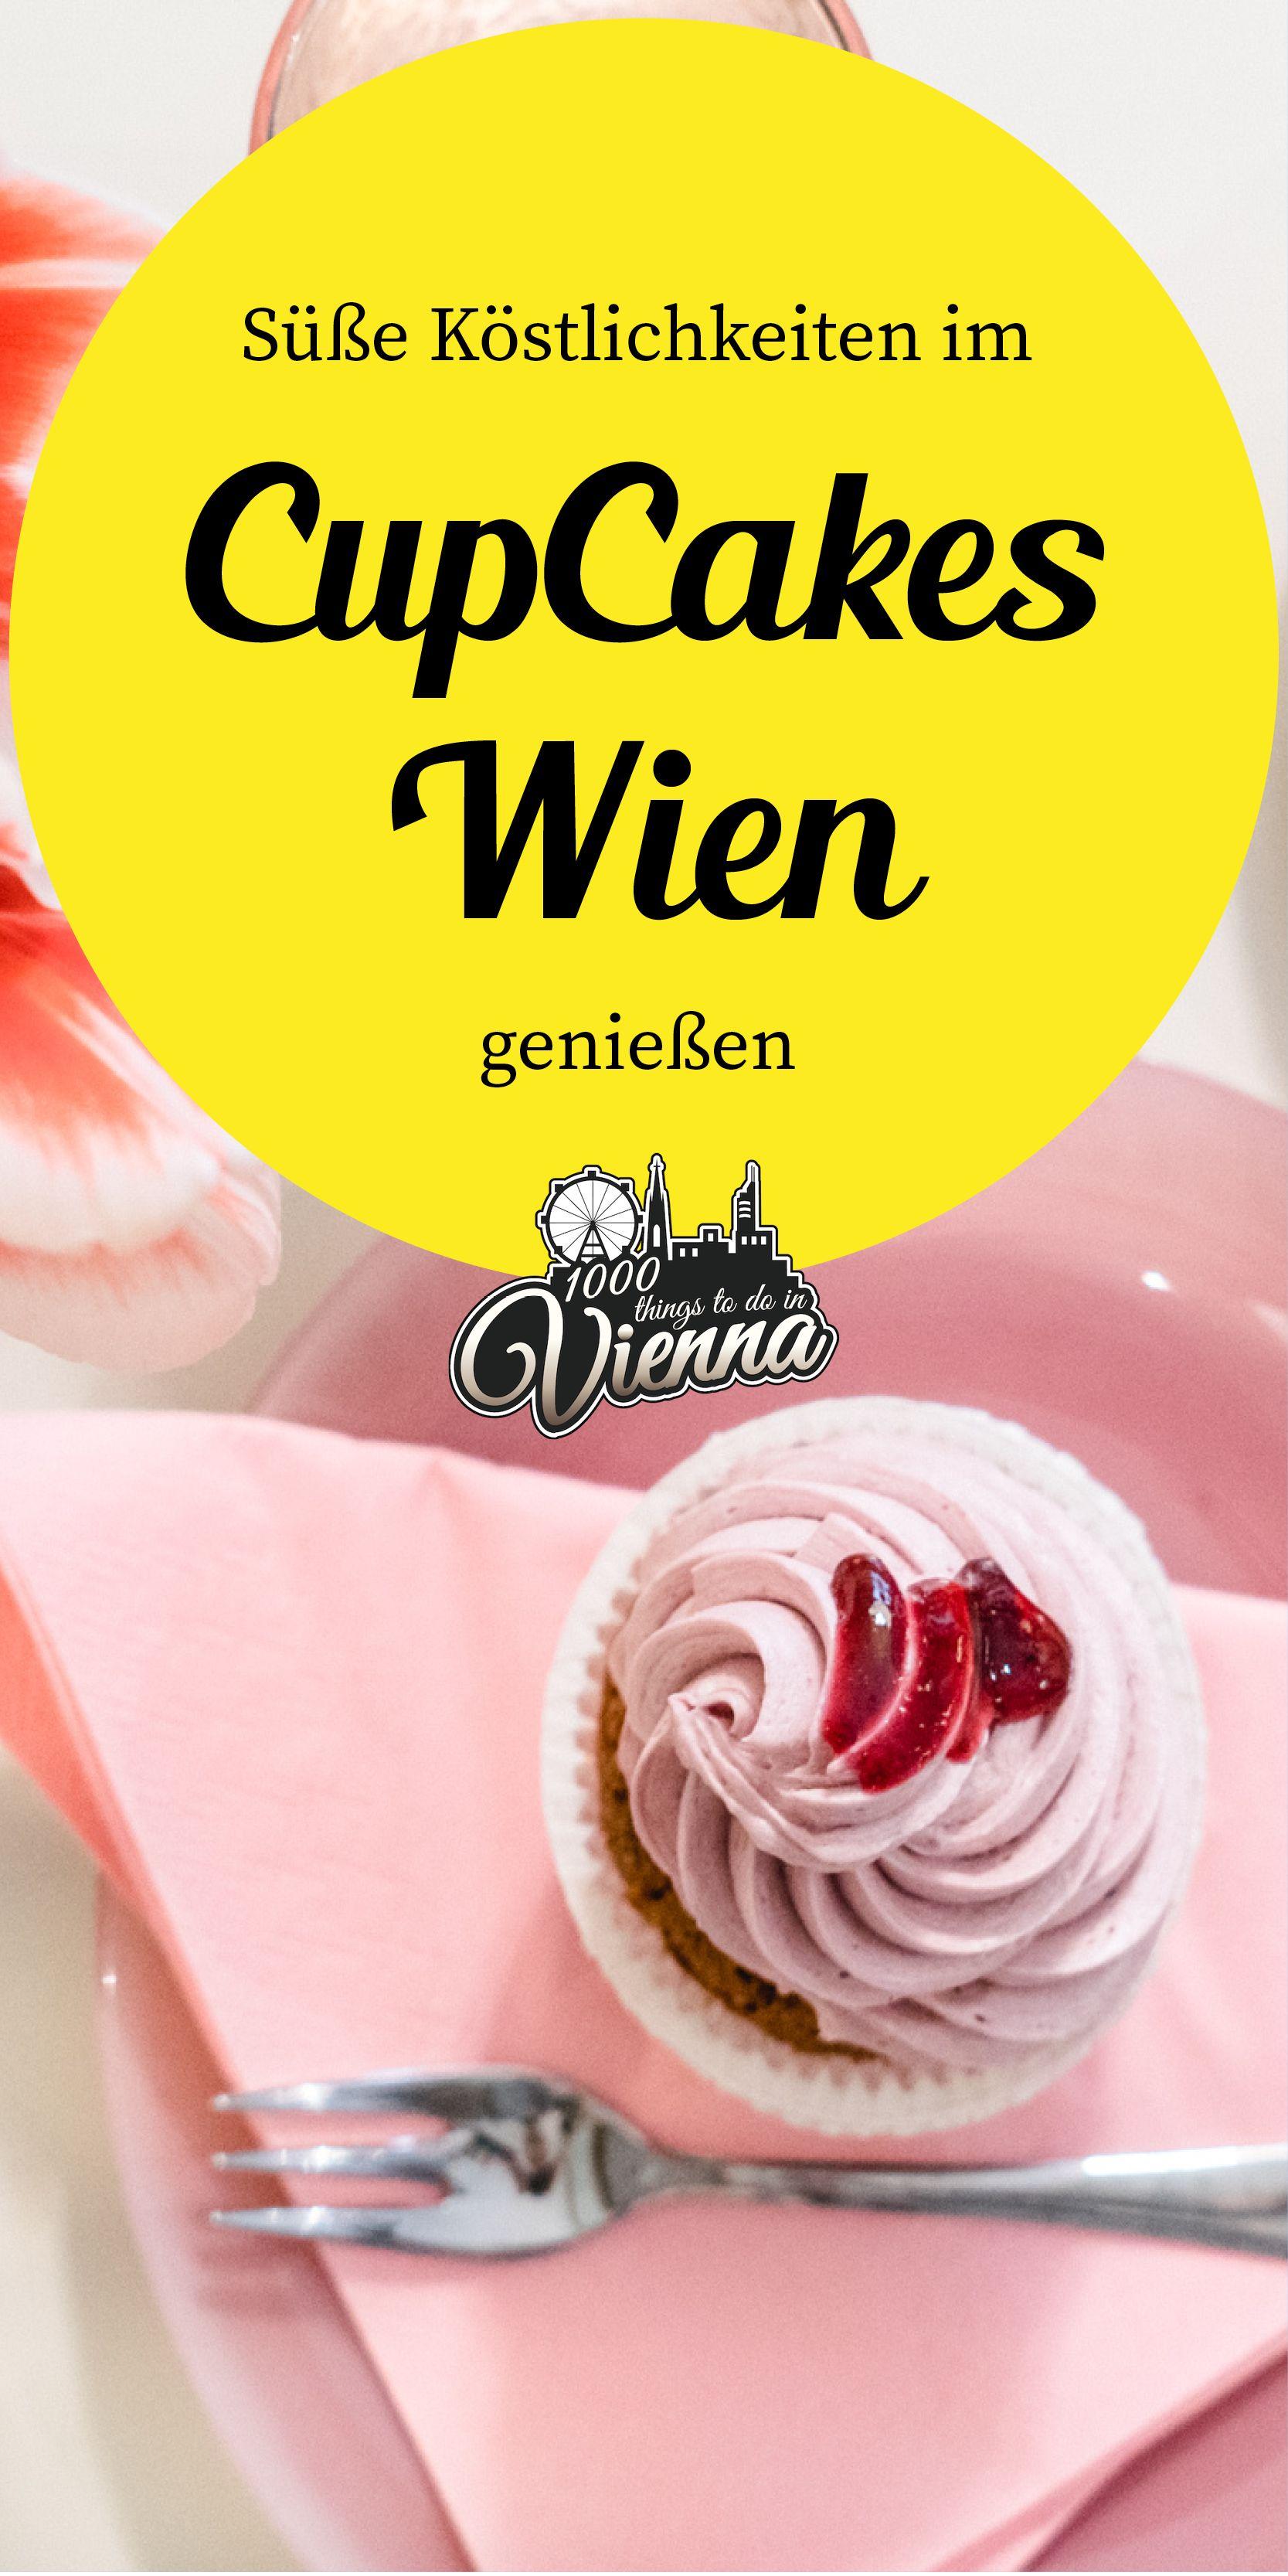 Die buntesten Cupcakes findest du im CupCakes Wien im 8. Bezirk - Ein wahres Erlebnis fürs Auge und den Gaumen.